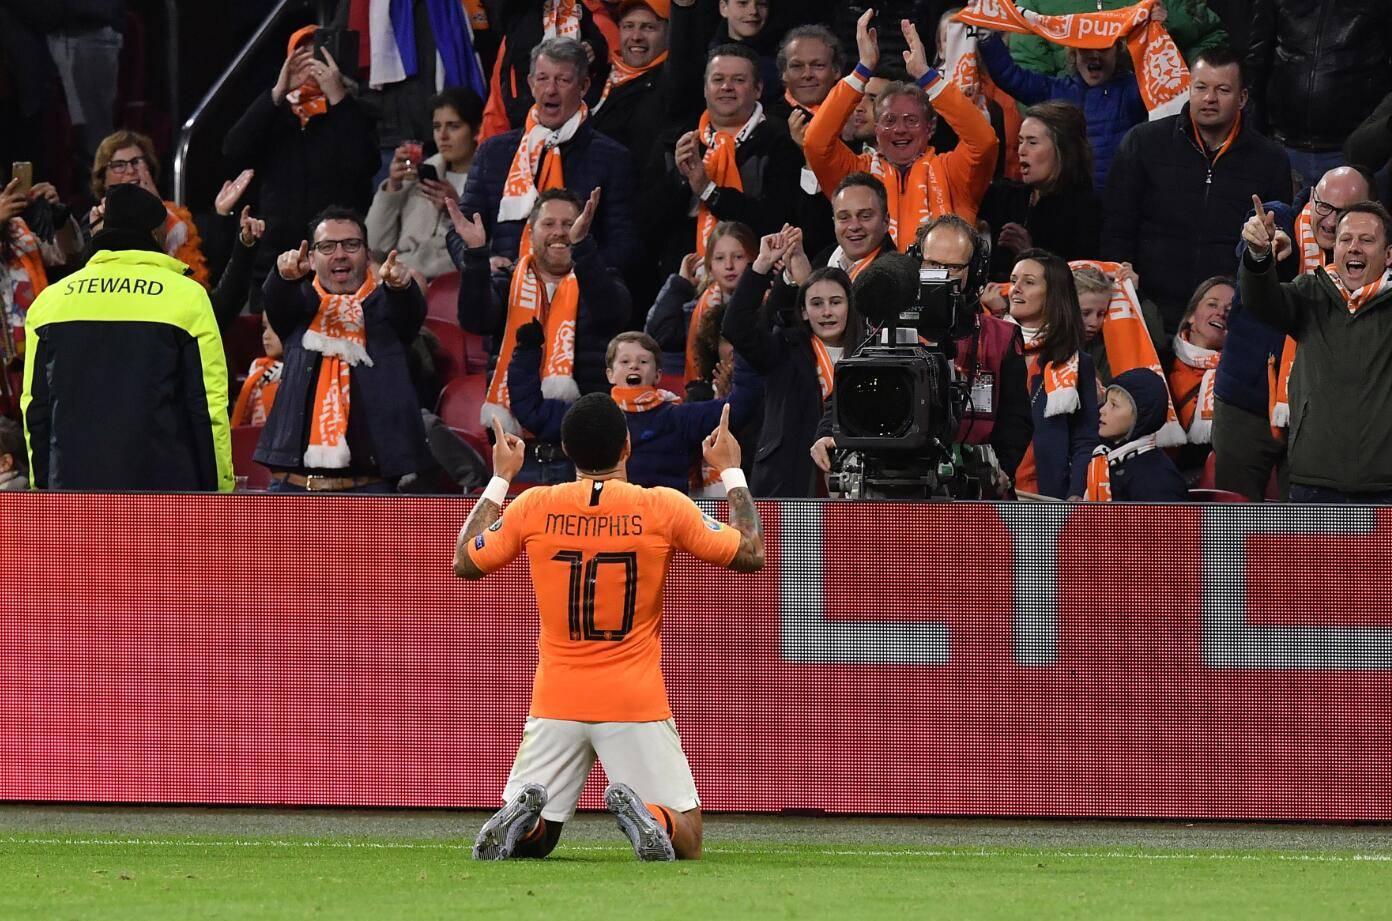 荷兰前瞻:临战却失主力门将 四德组合保17年不败